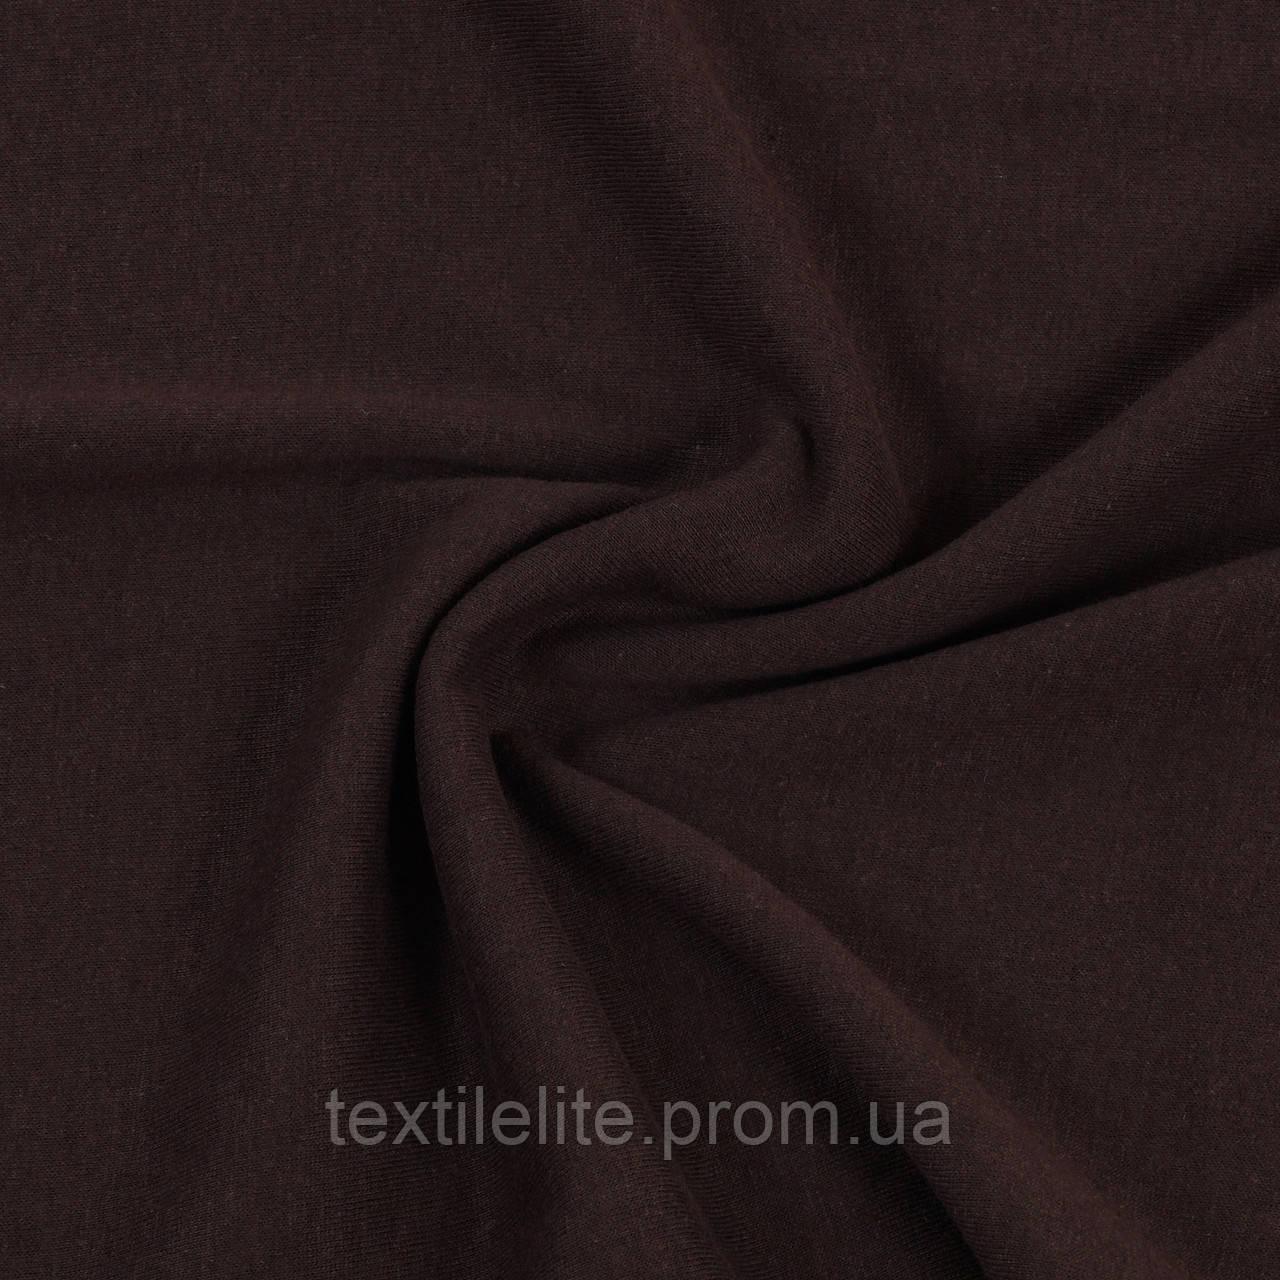 Ткань трикотажная кулирная гладь коричневая «Шоколад». Трикотажное полотно в рулонах. Хлопок 100%